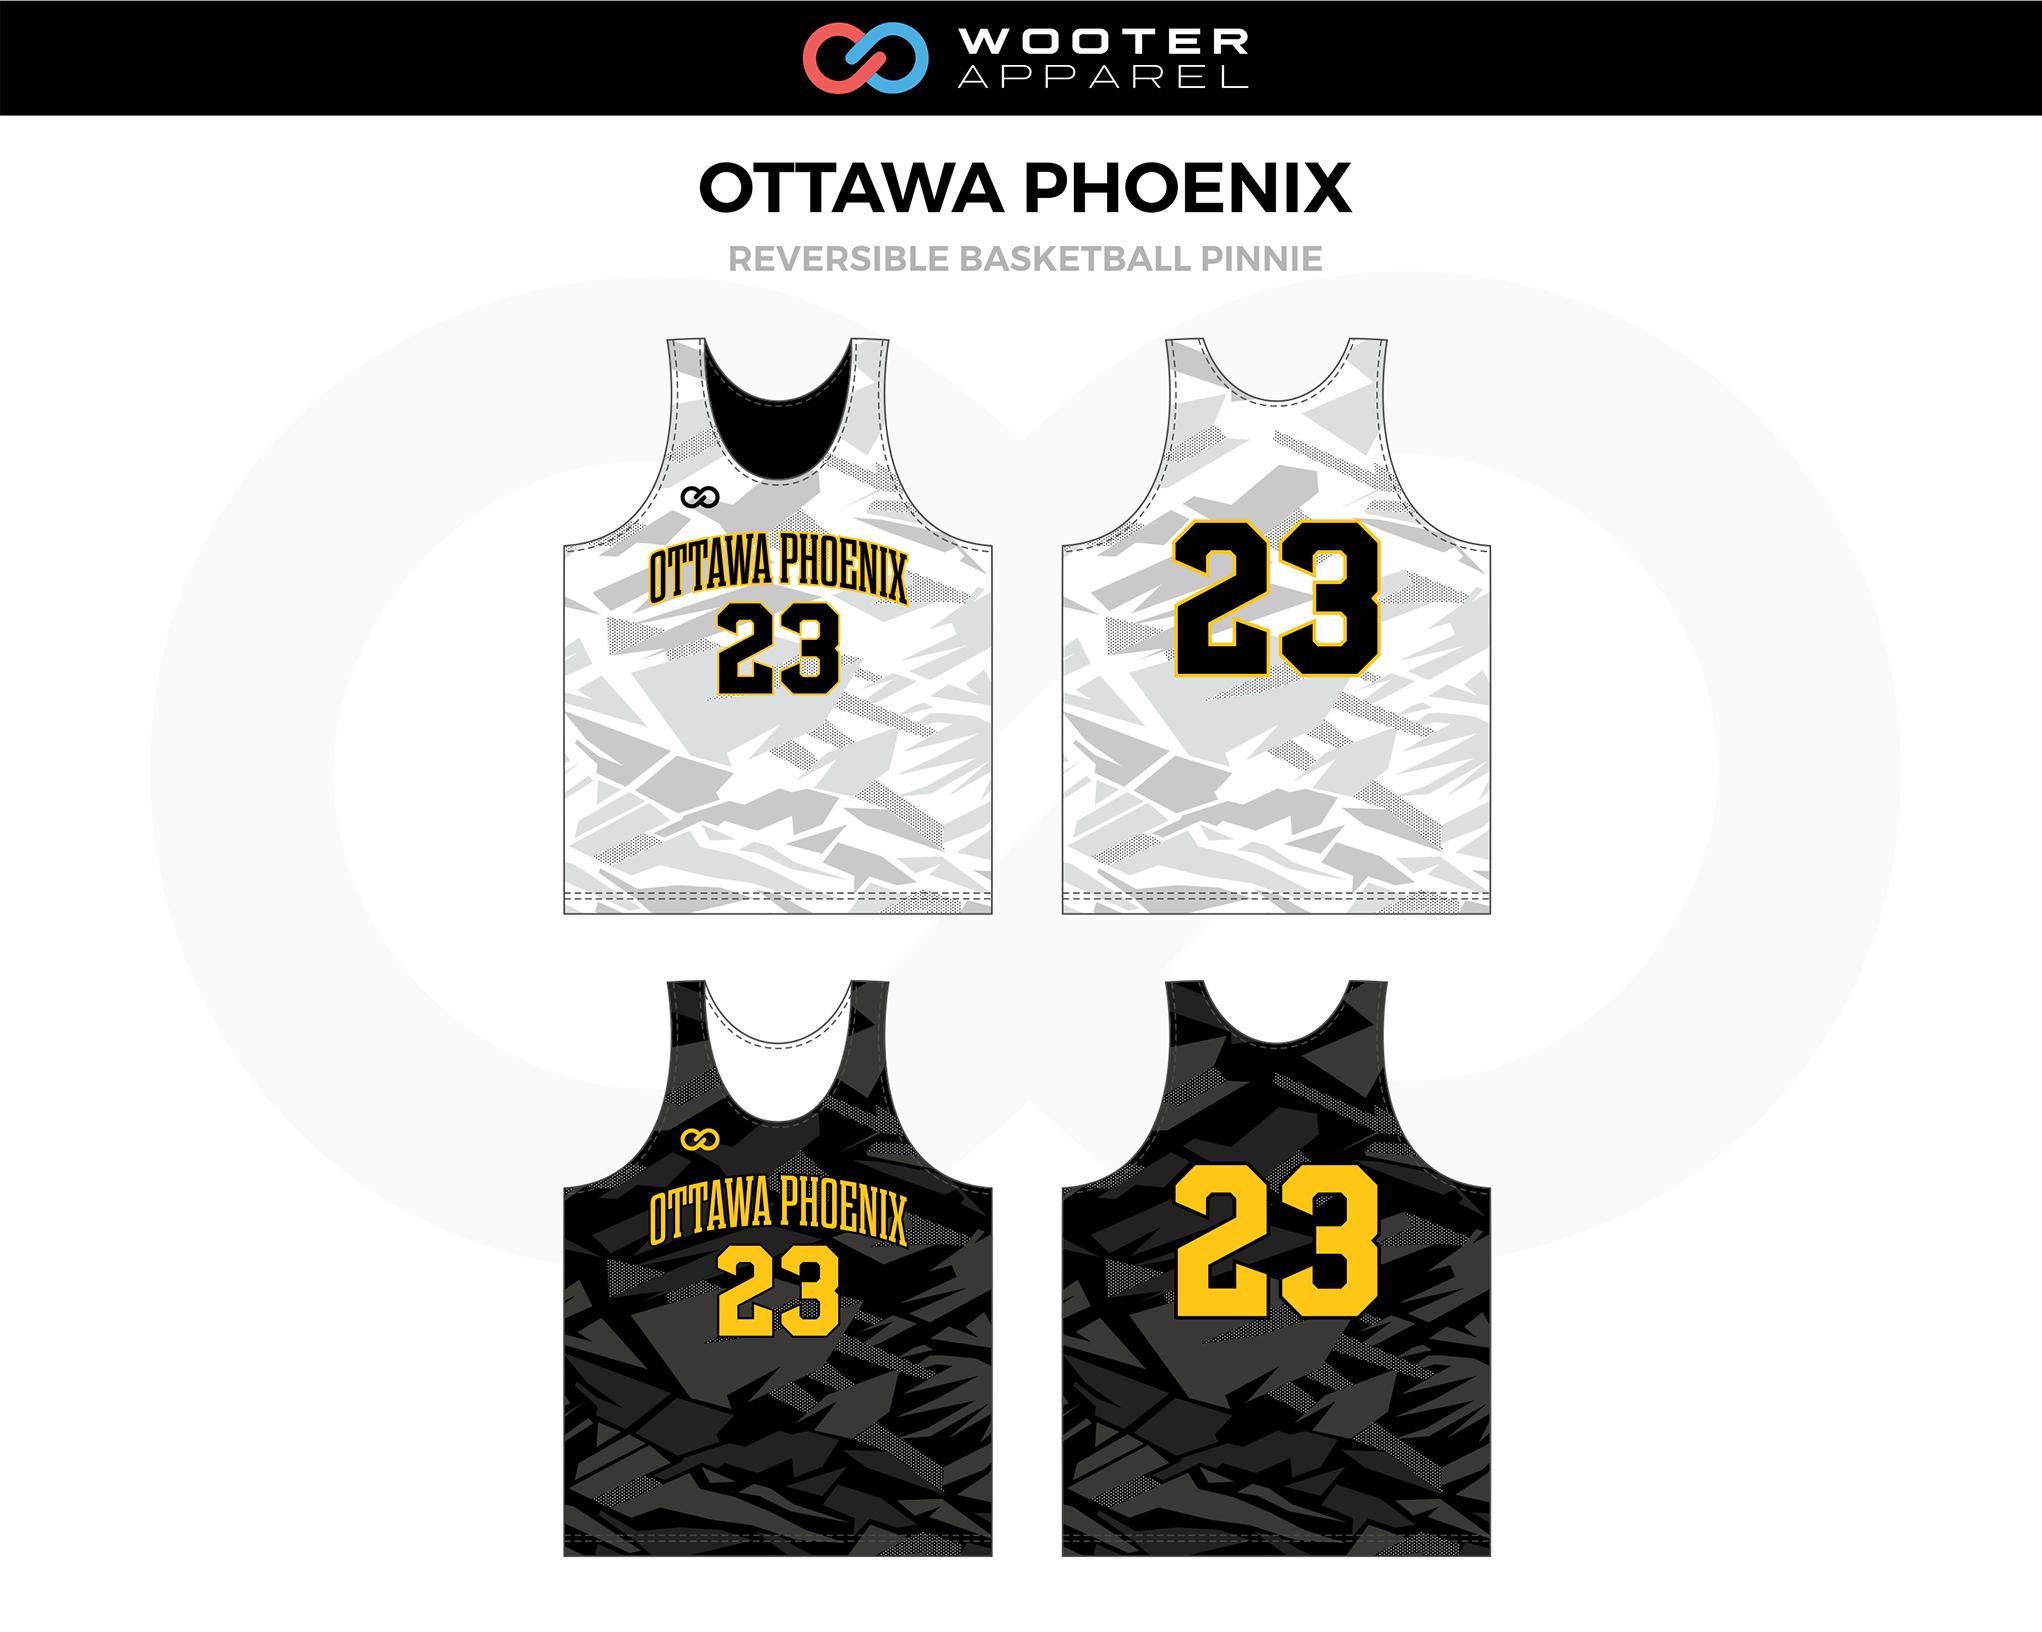 02_Ottawa Phoenix Basketball.png